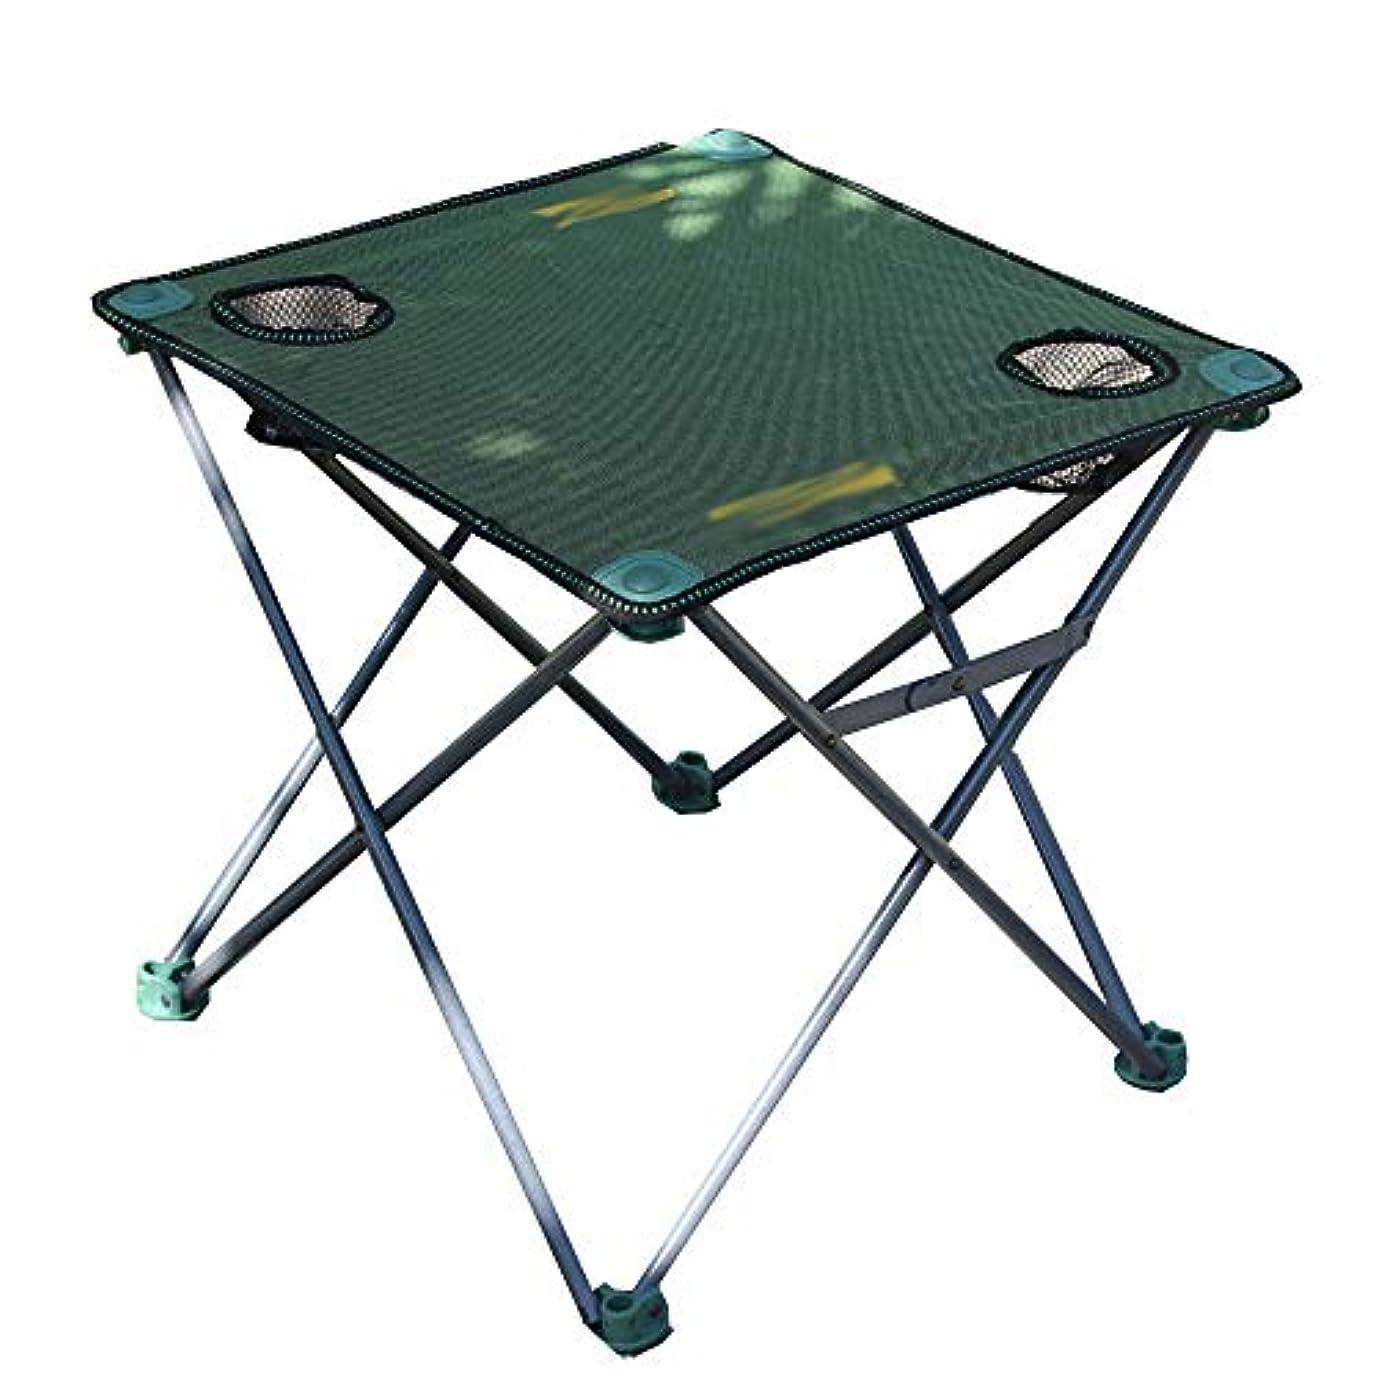 添加周波数トン折り畳みテーブル屋外折り畳み浜の布のテーブルファッションレジャーミニ折りたたみテーブルの釣り便利な運転装置芝生緑47 * 47 * 45センチメートル